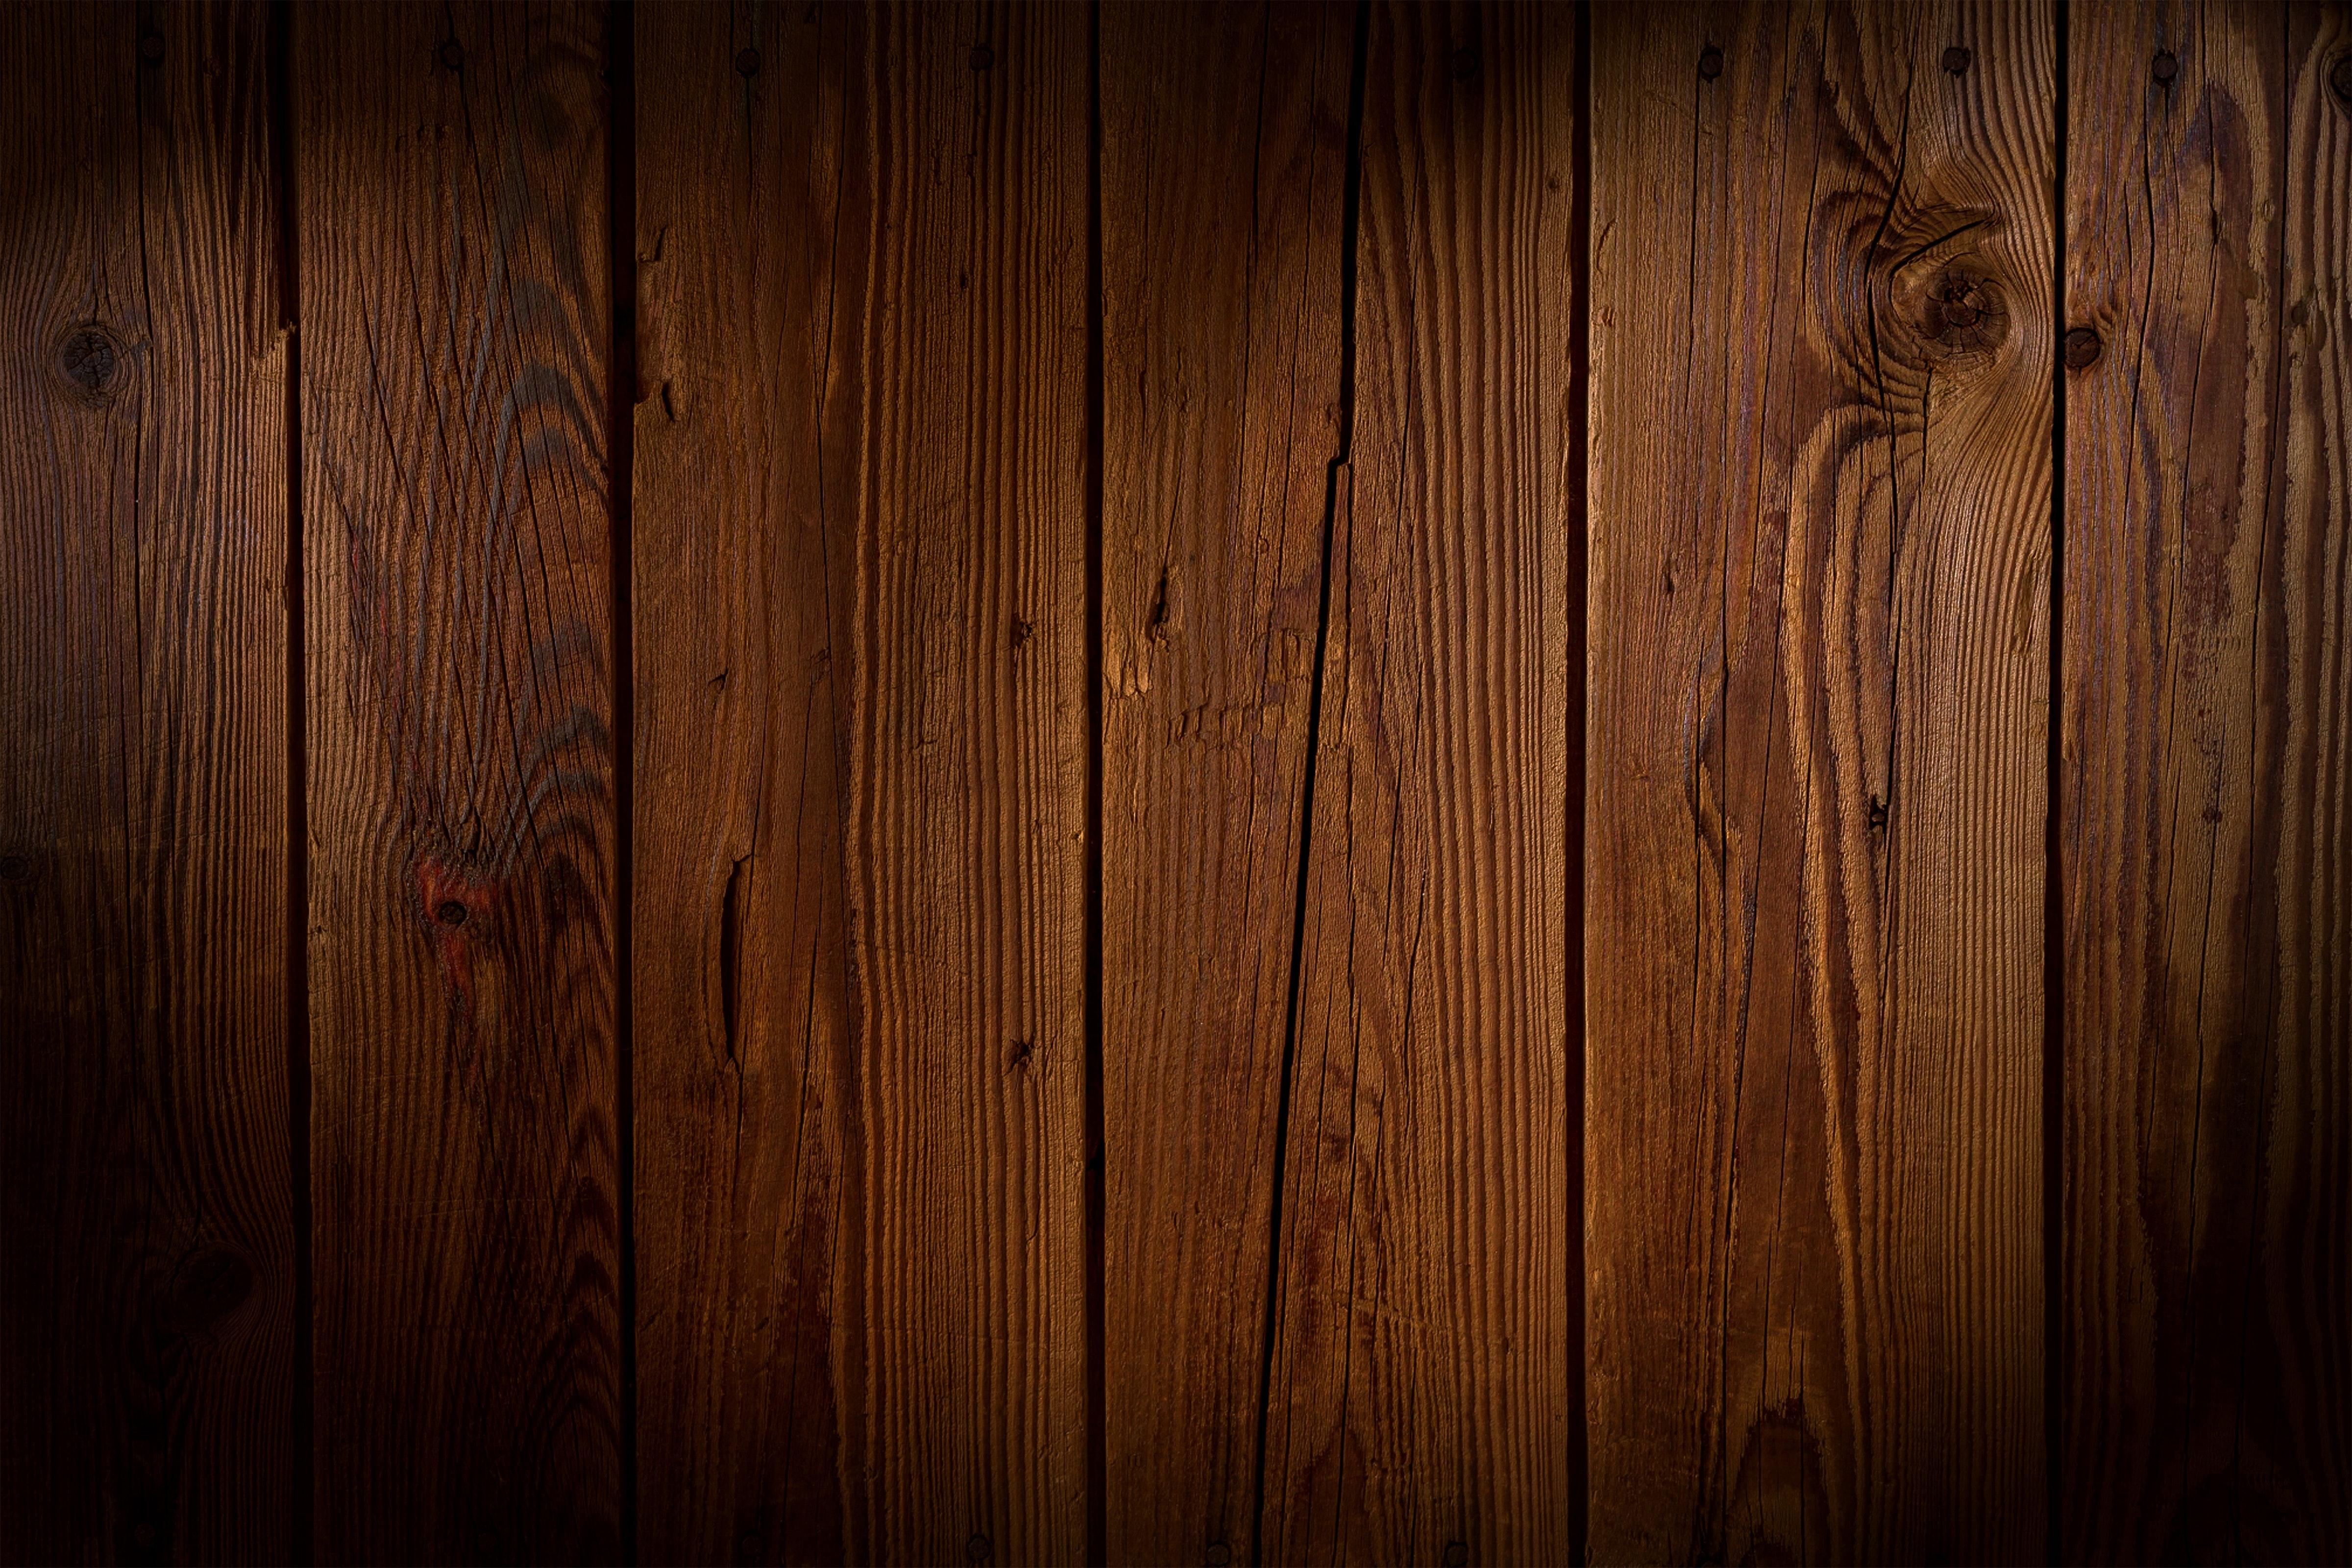 kostenlose holz hintergrund bilder pexels. Black Bedroom Furniture Sets. Home Design Ideas